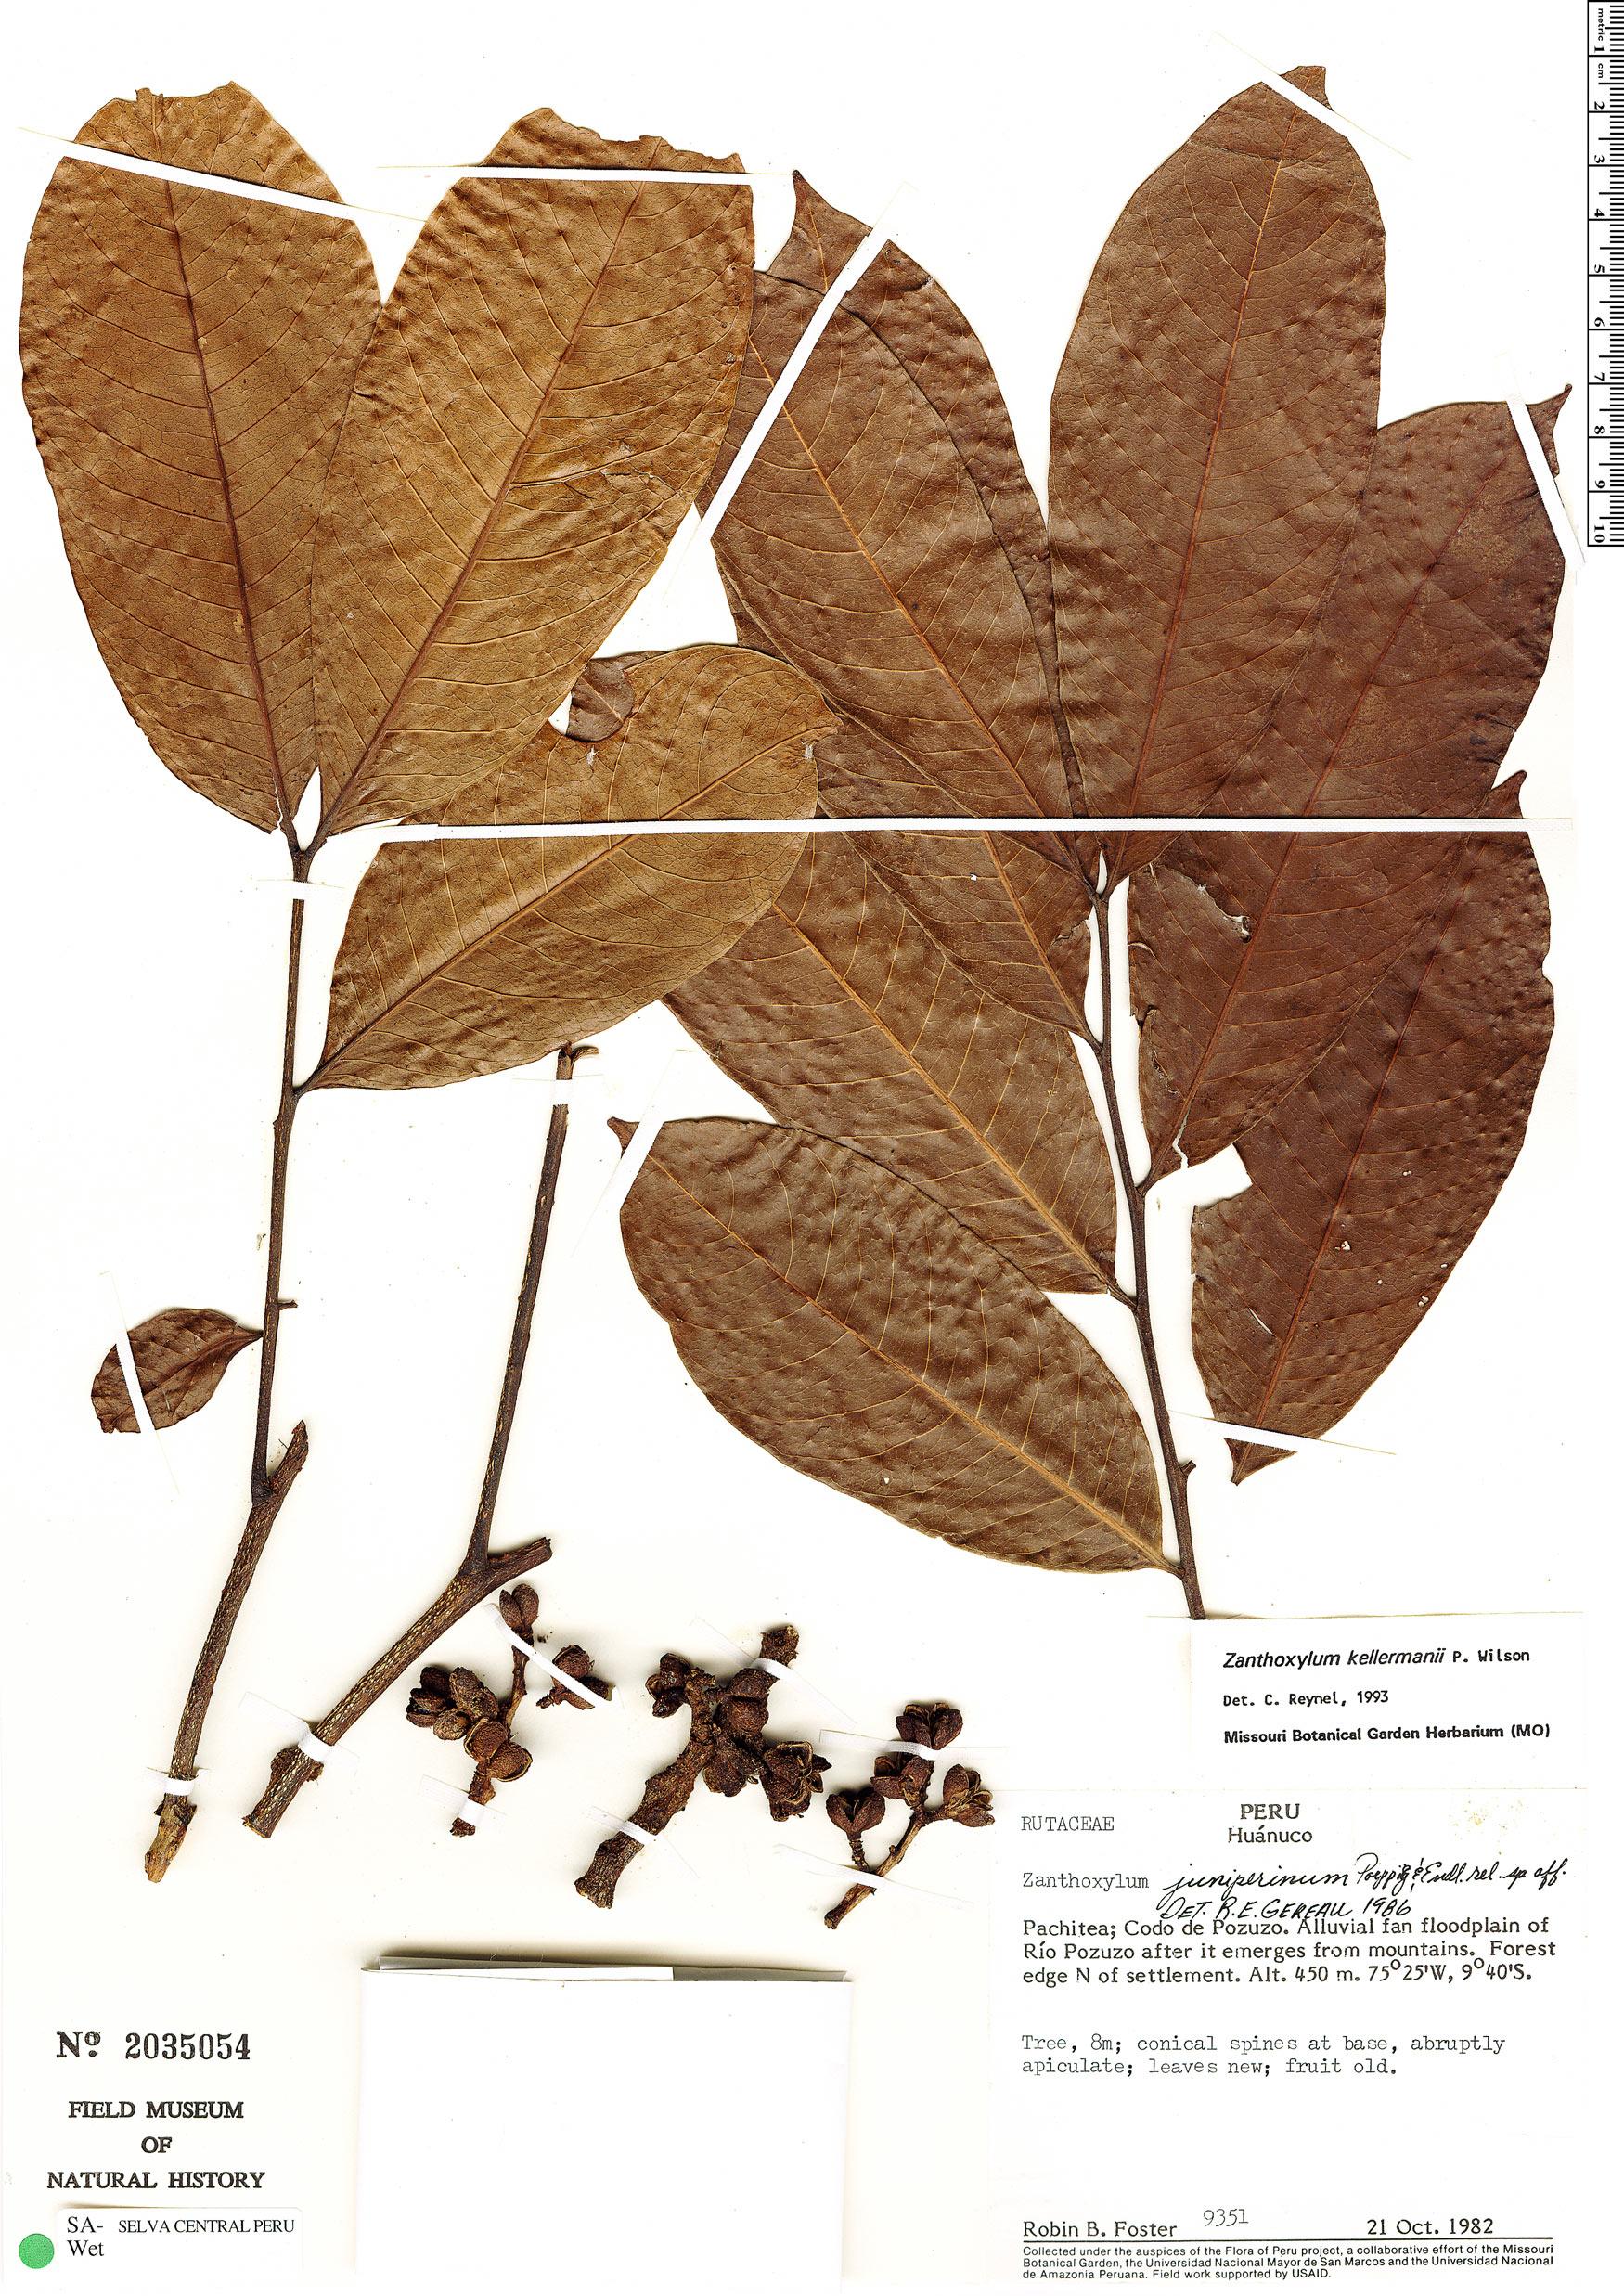 Specimen: Zanthoxylum kellermanii